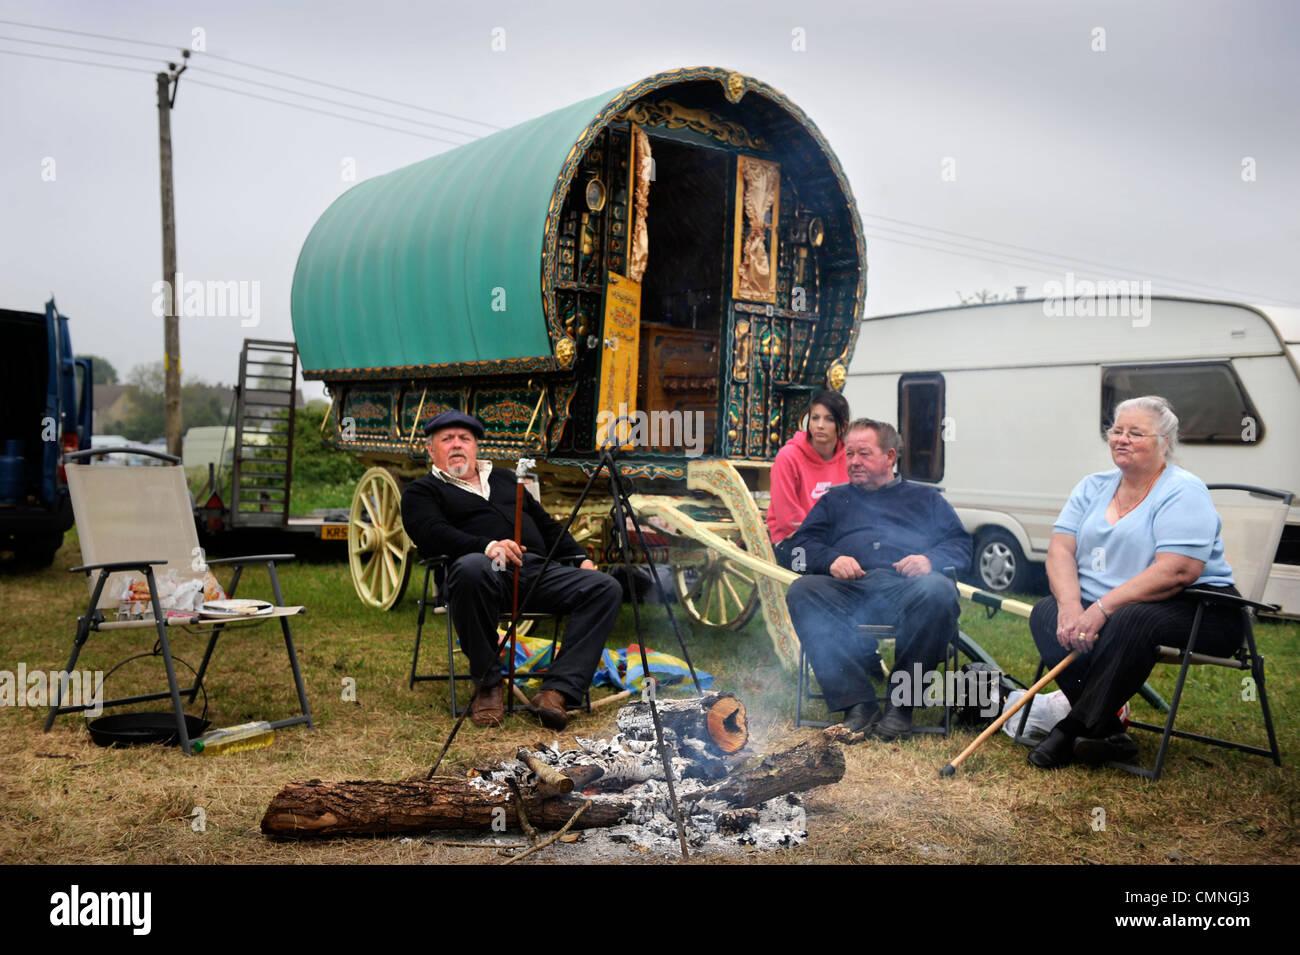 Un viaje con su familia en una caravana o en caballos decorativos Gypsy Wagon en el Stow-on-the-Wold feria del caballo Foto de stock